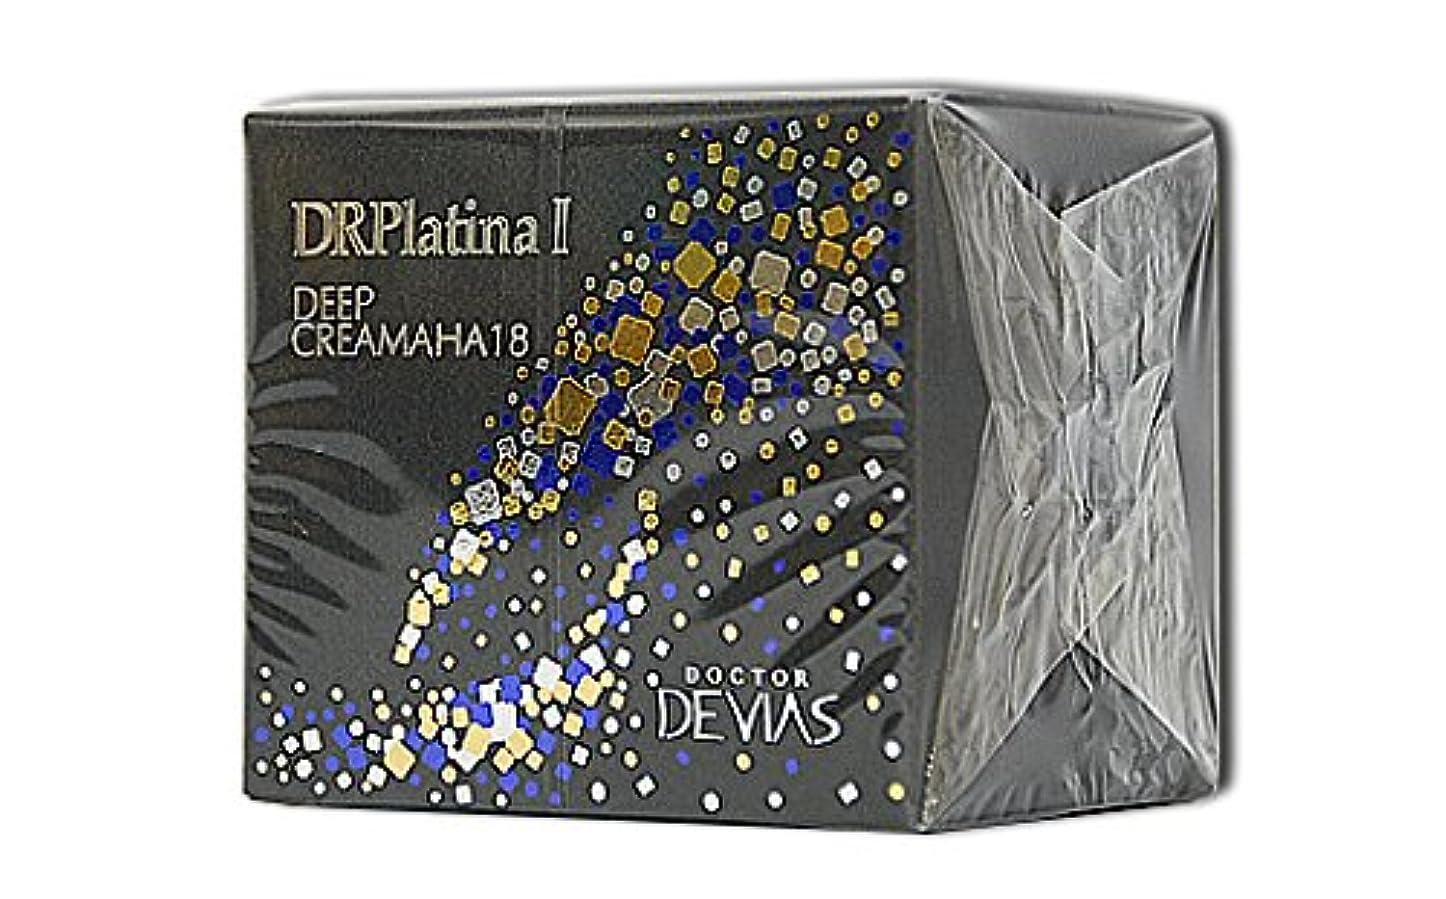 ウェイトレスエジプト人昼寝DRデヴィアス プラチナ ディープ クリーム AHA18 Ⅱ 30g